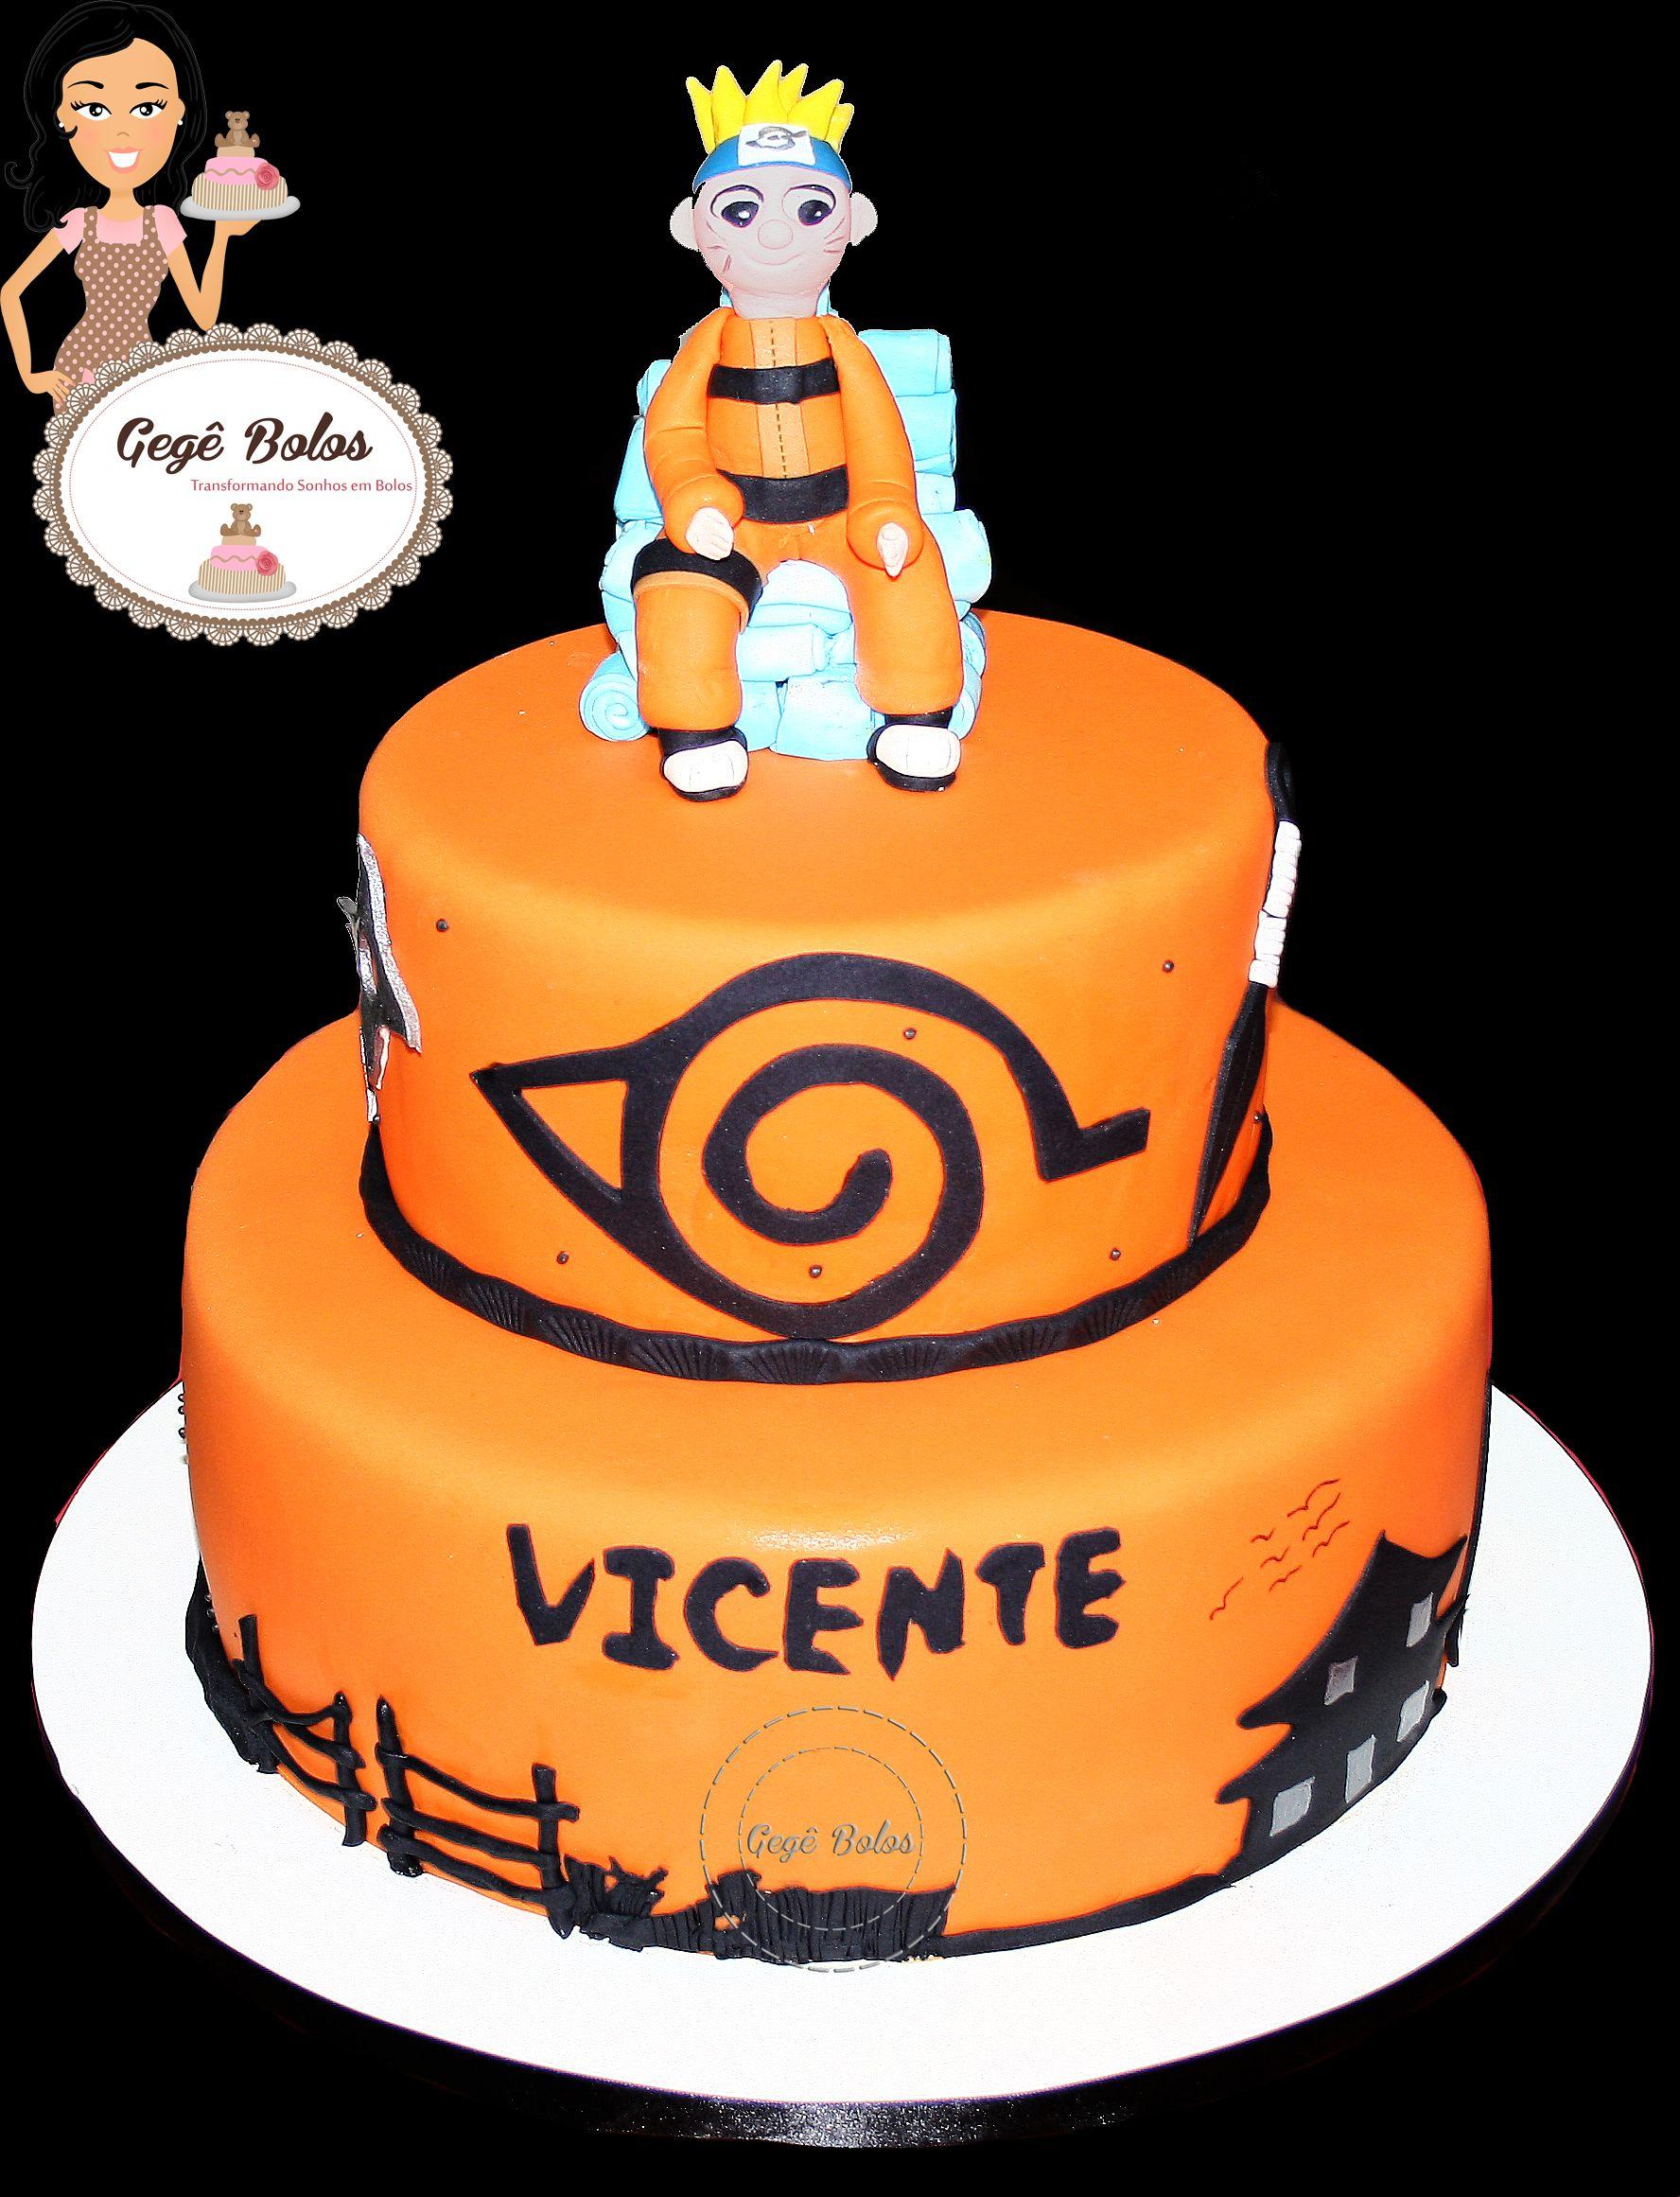 Bolo naruto cake cake designs desserts